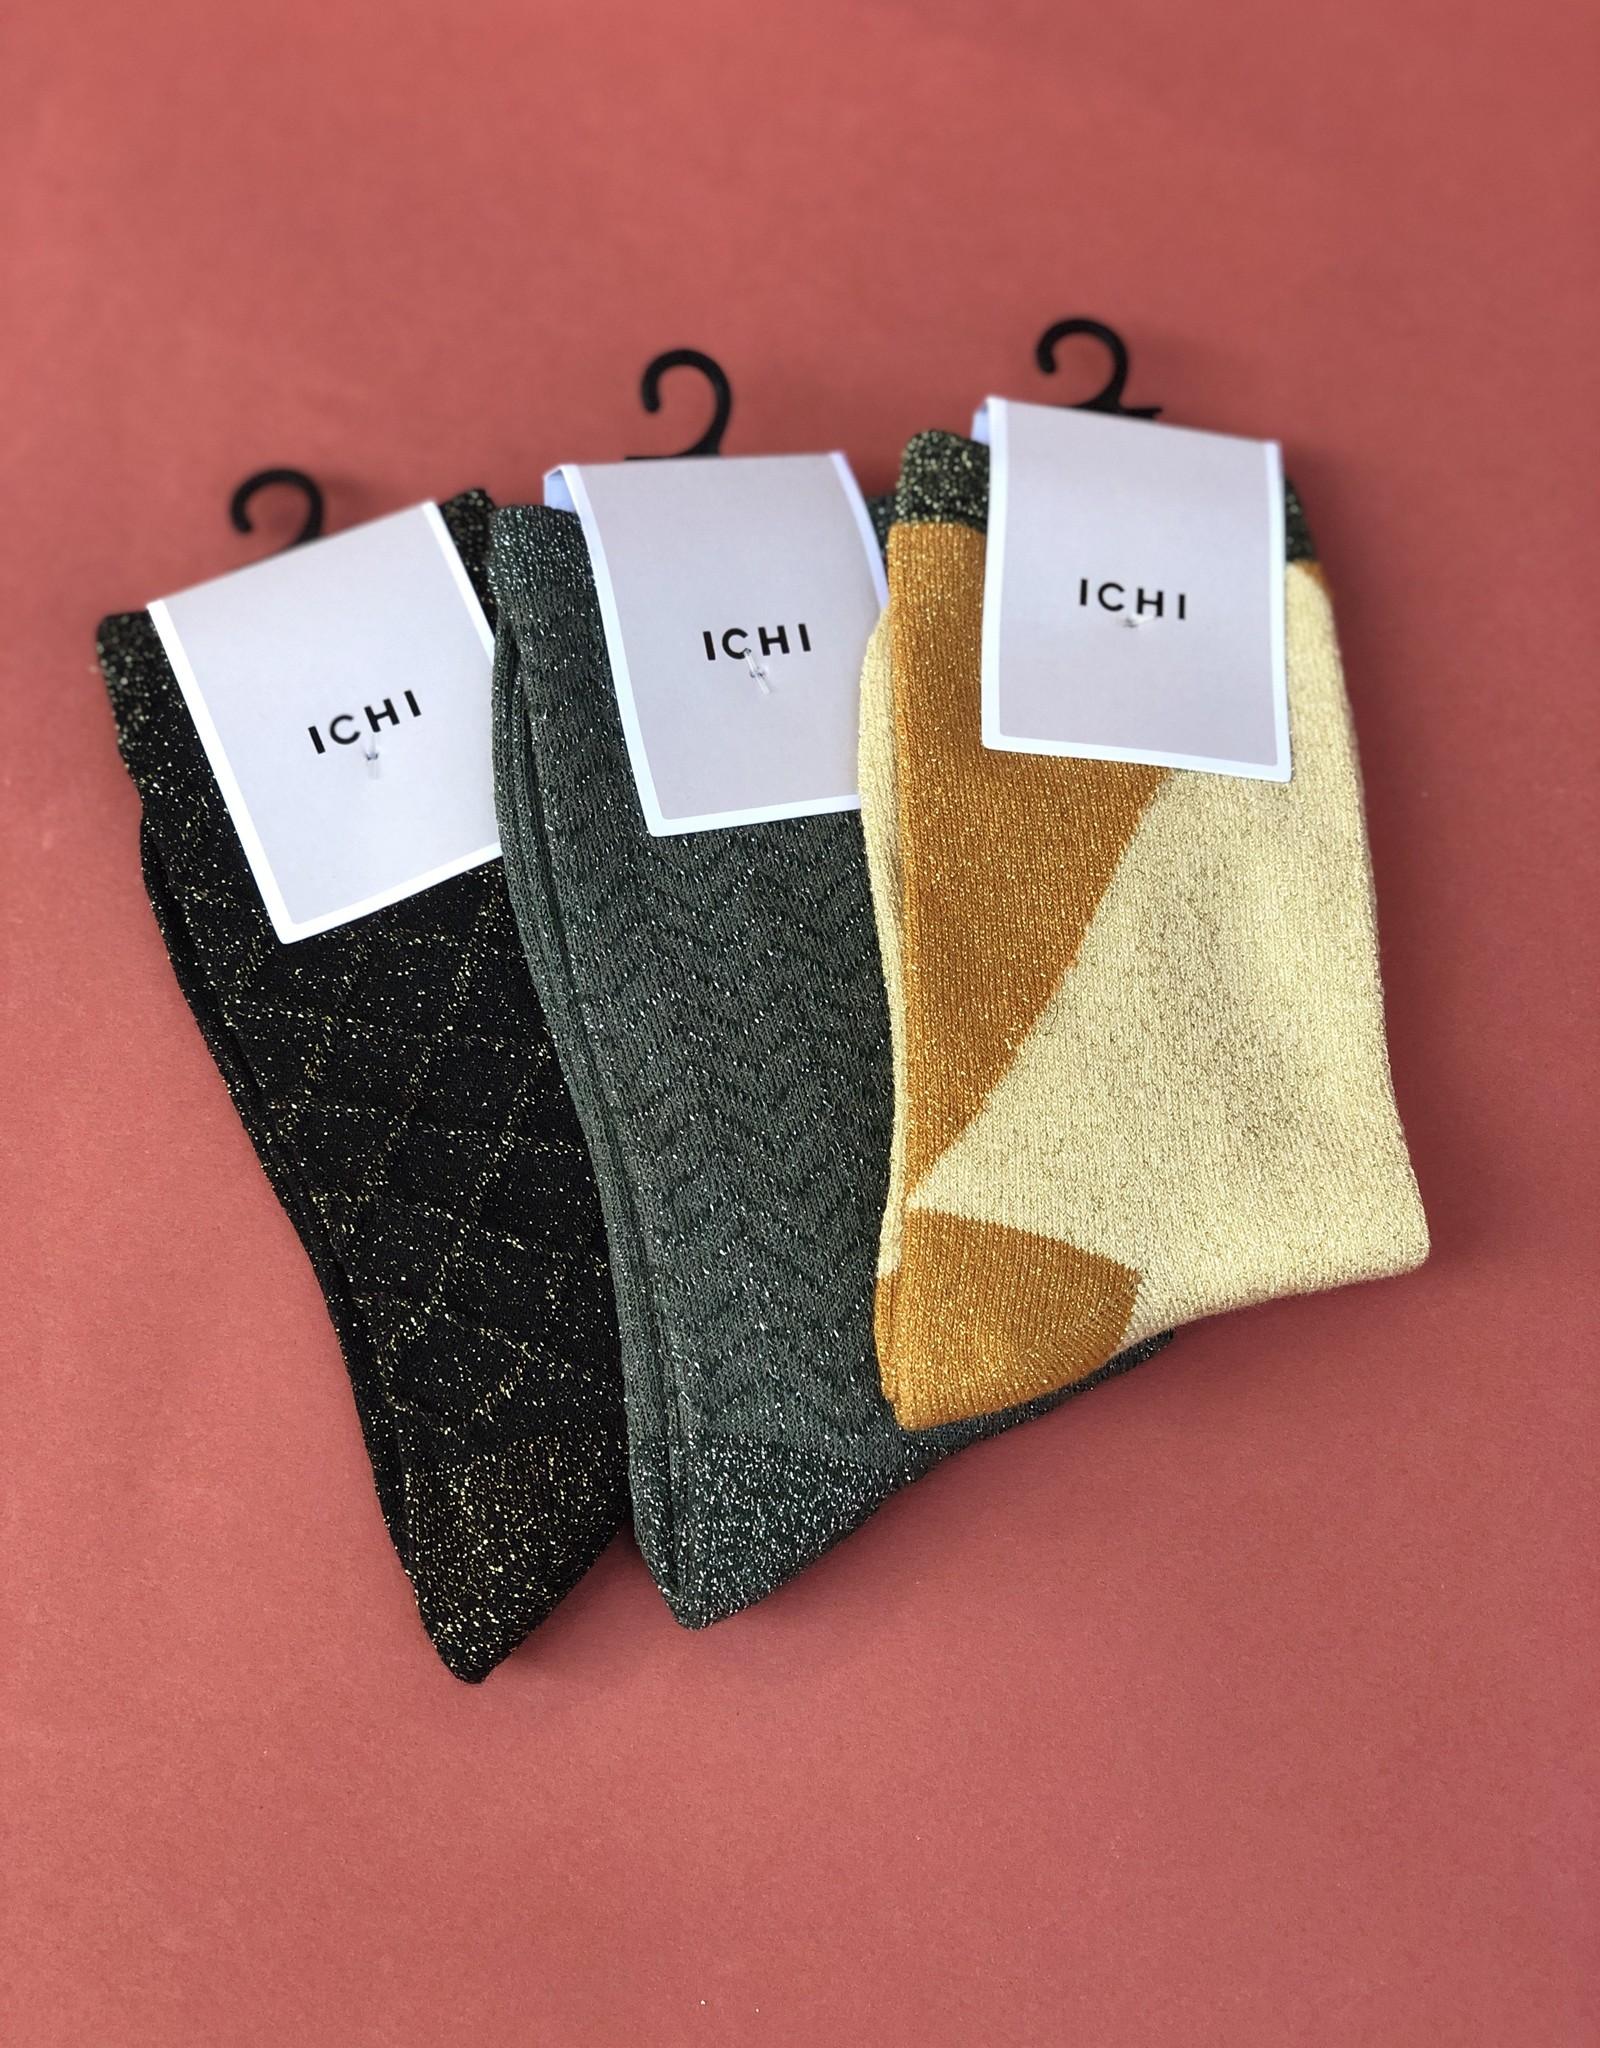 Ichi IC-Ina Socks